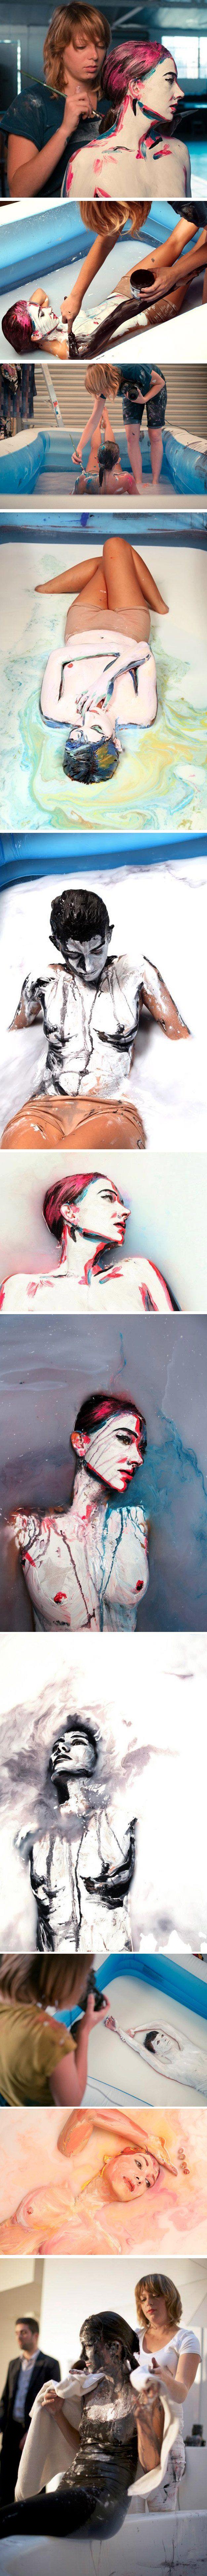 A artista Alexa Meade resolveu inovar na sua arte de uma forma um tanto quanto excêntrica - ela fez uma pintura corporal emSheila Vand, que se deitou em uma piscina cheia de leite, enquanto era fotografada. O leite foi desmanchando a tinta fazendo com que a fotógrafa tivesse que agir rápido - cada segundo era único e jamais ocorreria de novo da mesma forma. Assista ao vídeo no qual elas mostram como esse trabalho foi produzido: